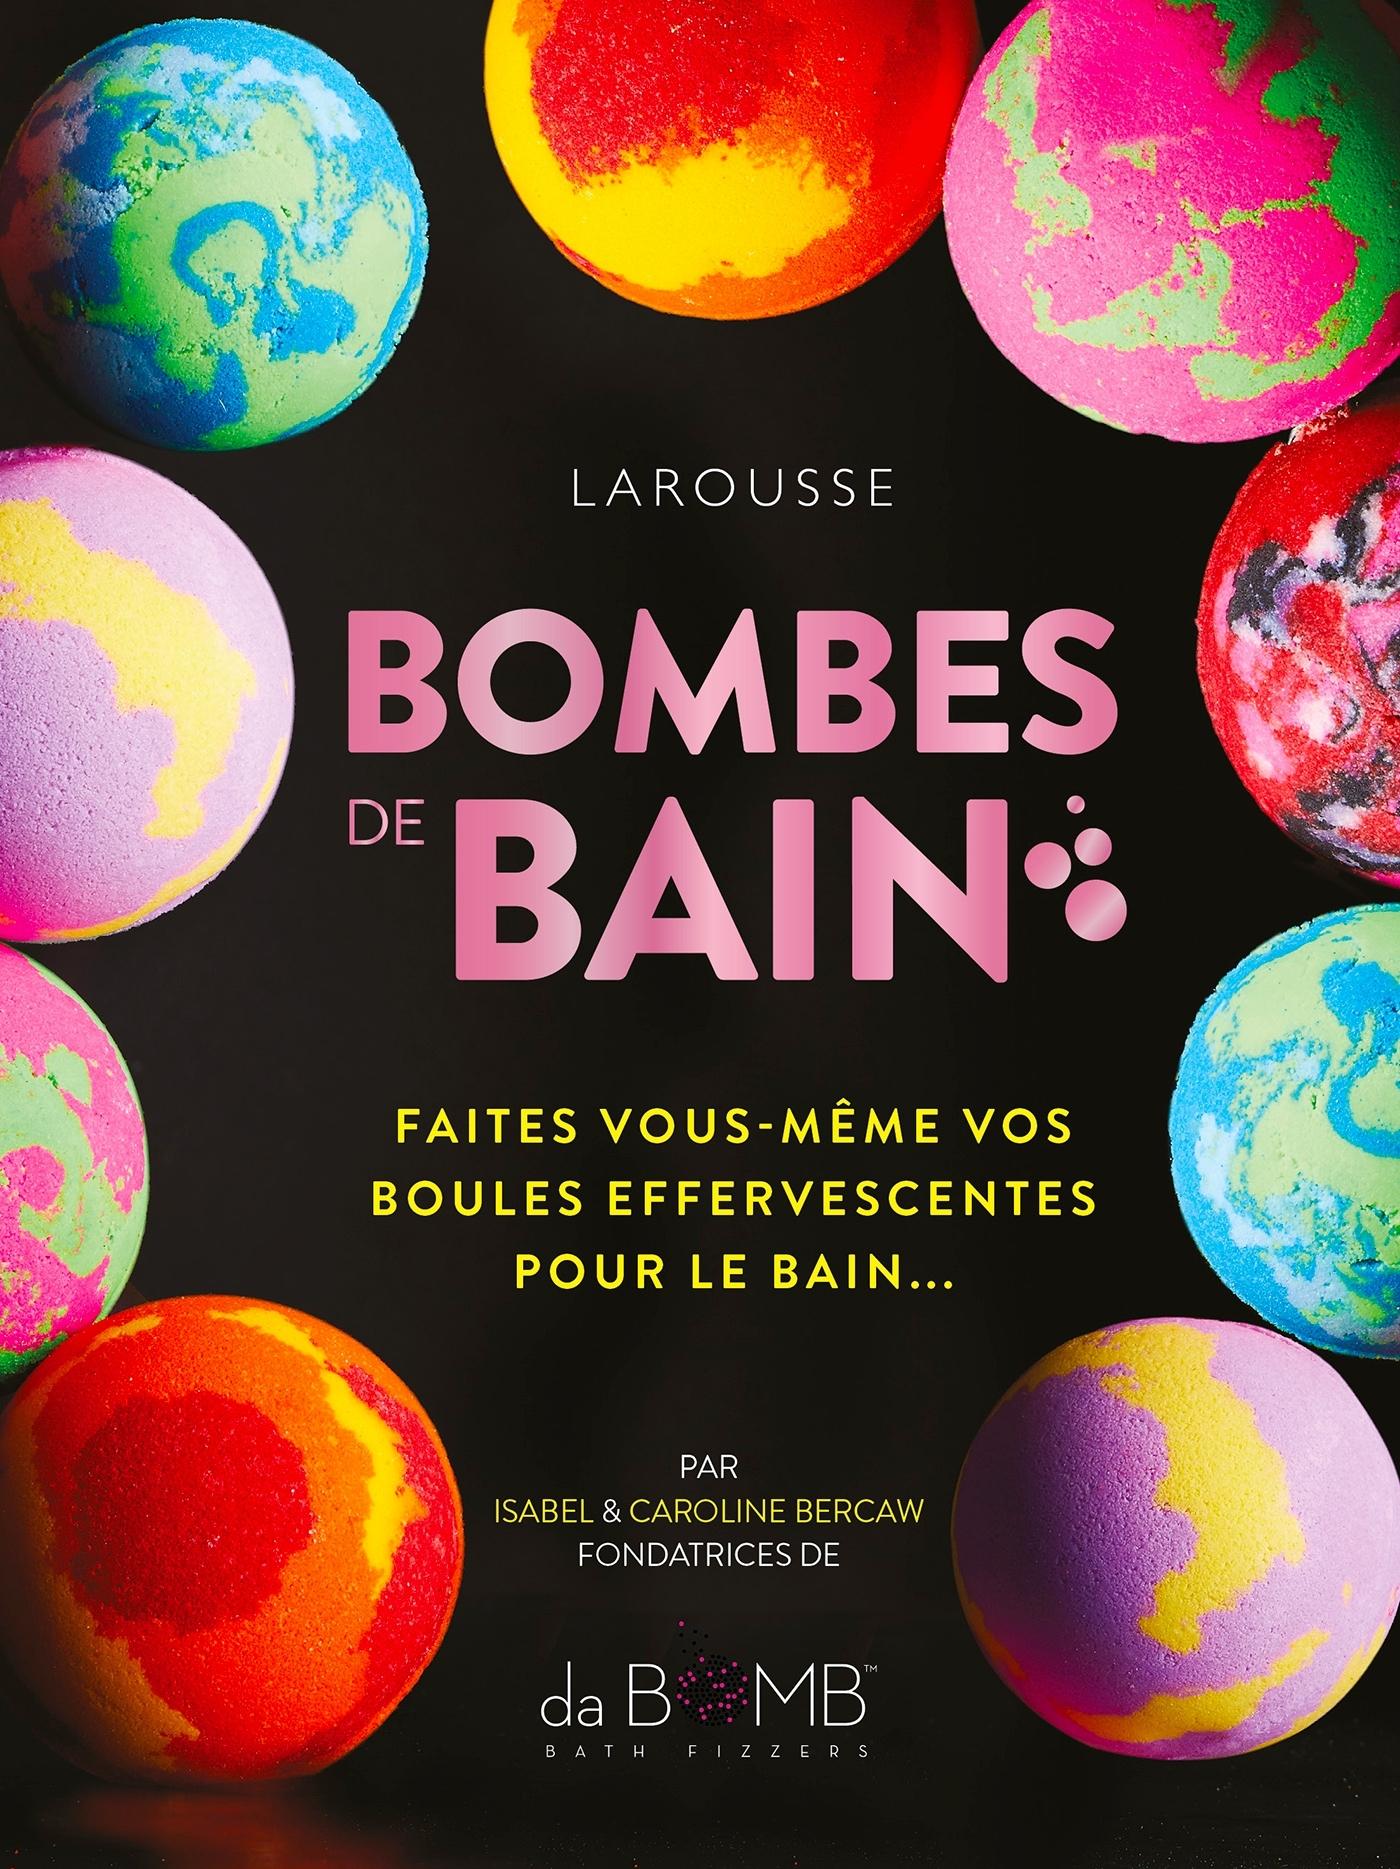 BOMBES DE BAIN - FAITES VOUS-MEME VOS BOULES EFFERVESCENTES POUR LE BAIN !